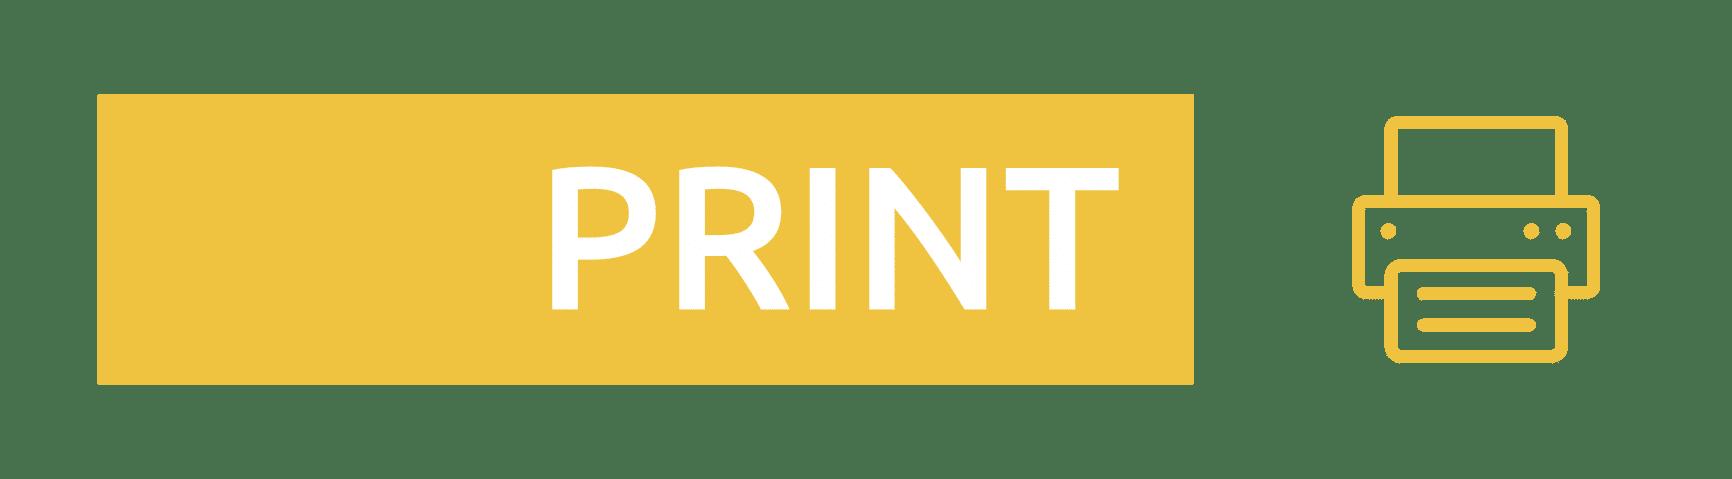 Print-Icon-1